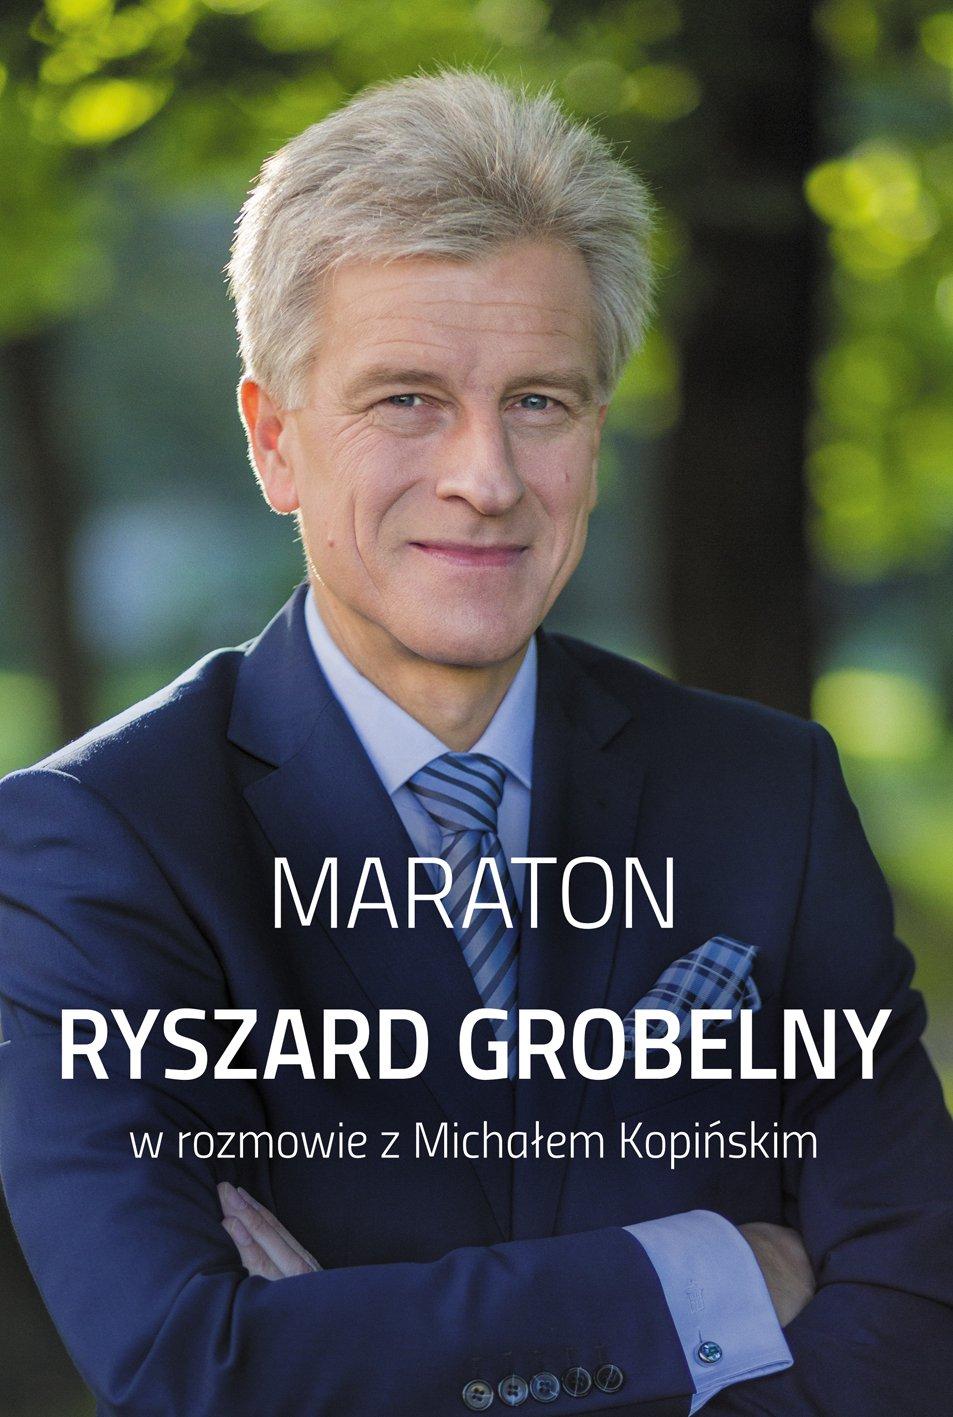 Maraton. Ryszard Grobelny w rozmowie z Michałem Kopińskim - Ebook (Książka EPUB) do pobrania w formacie EPUB